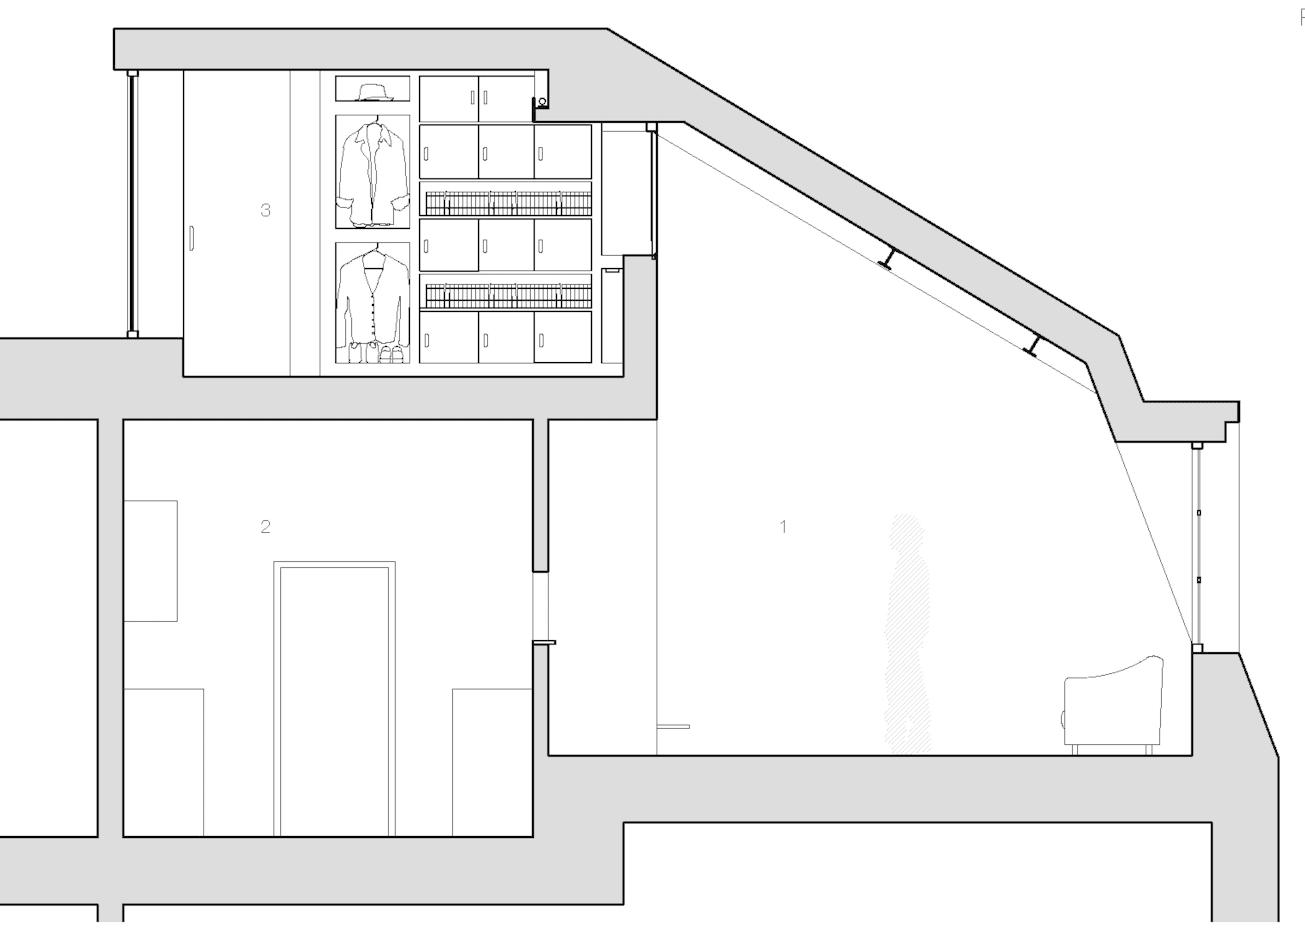 schnitt durch das mezzanin als idee für das schaffen von zusätzlichem Platz in kleinen Wohnungen